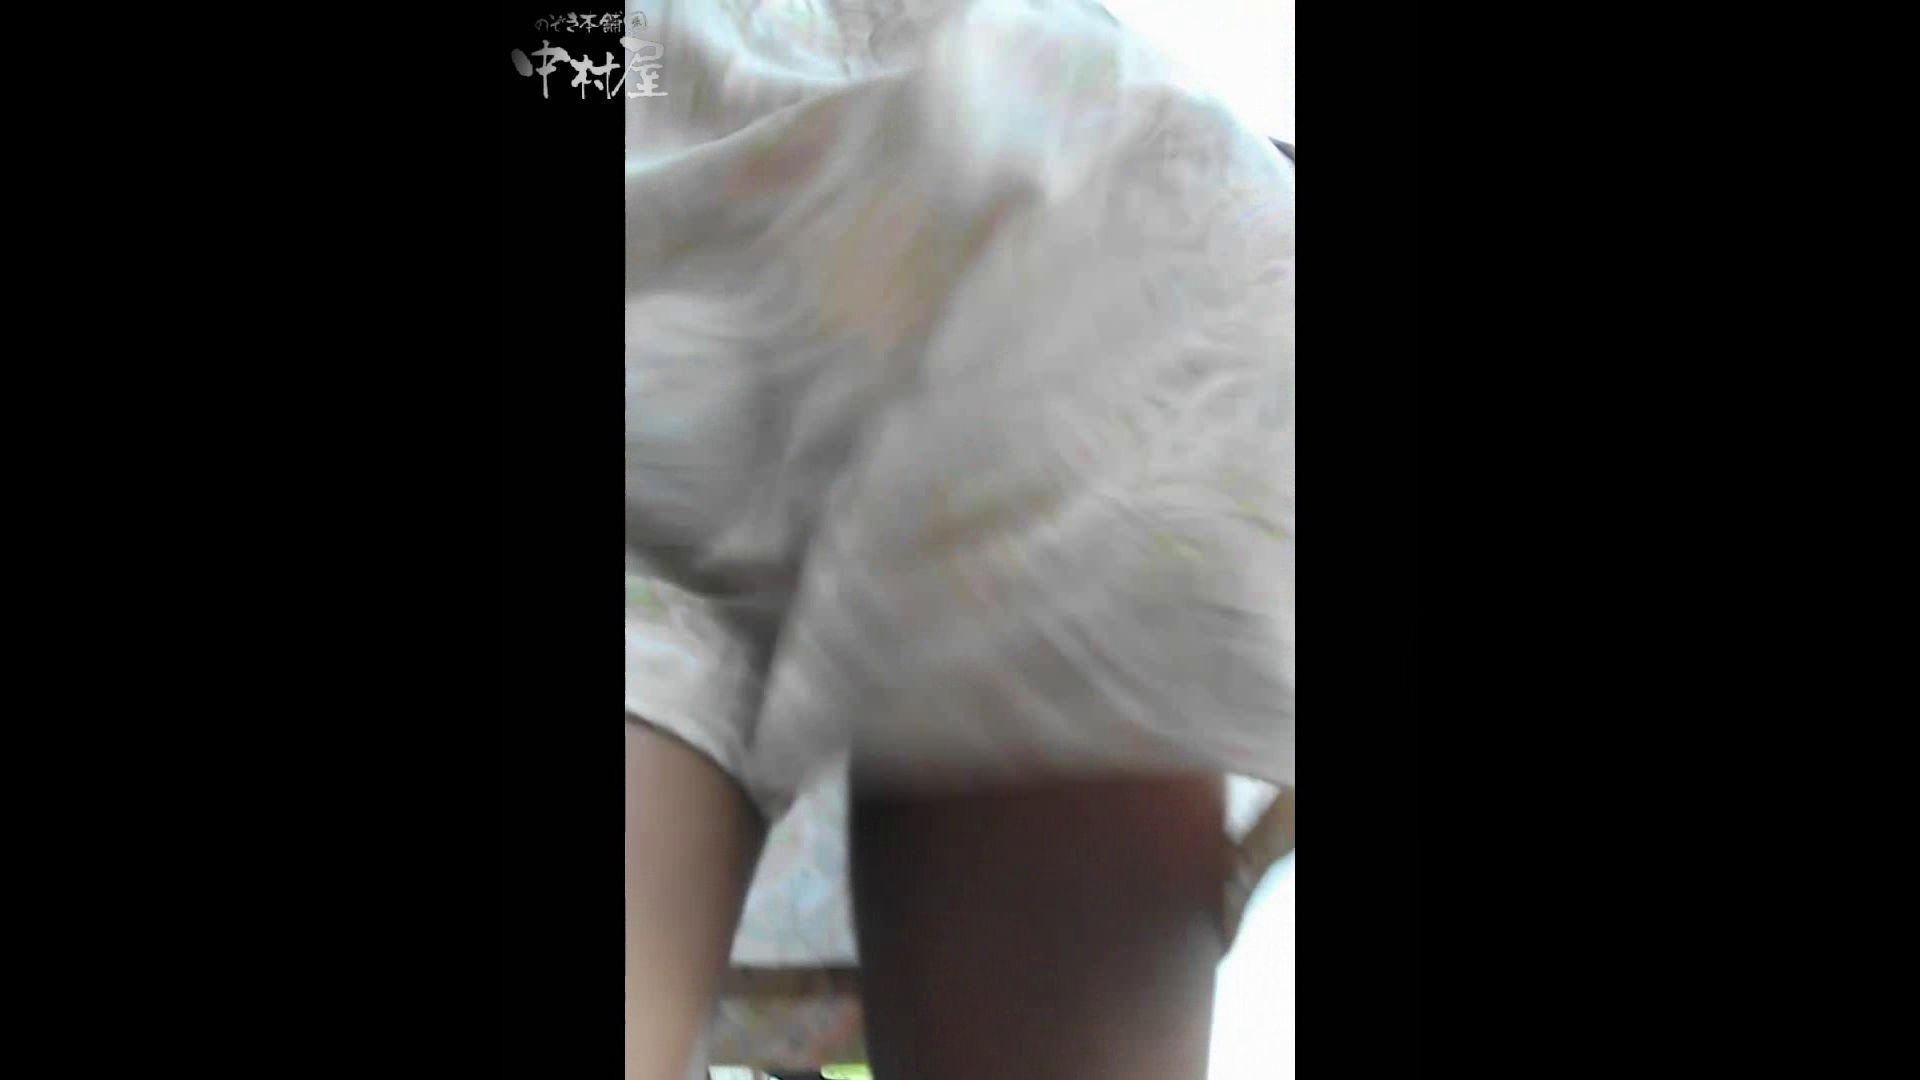 綺麗なモデルさんのスカート捲っちゃおう‼ vol11 OLエロ画像  61PICs 18